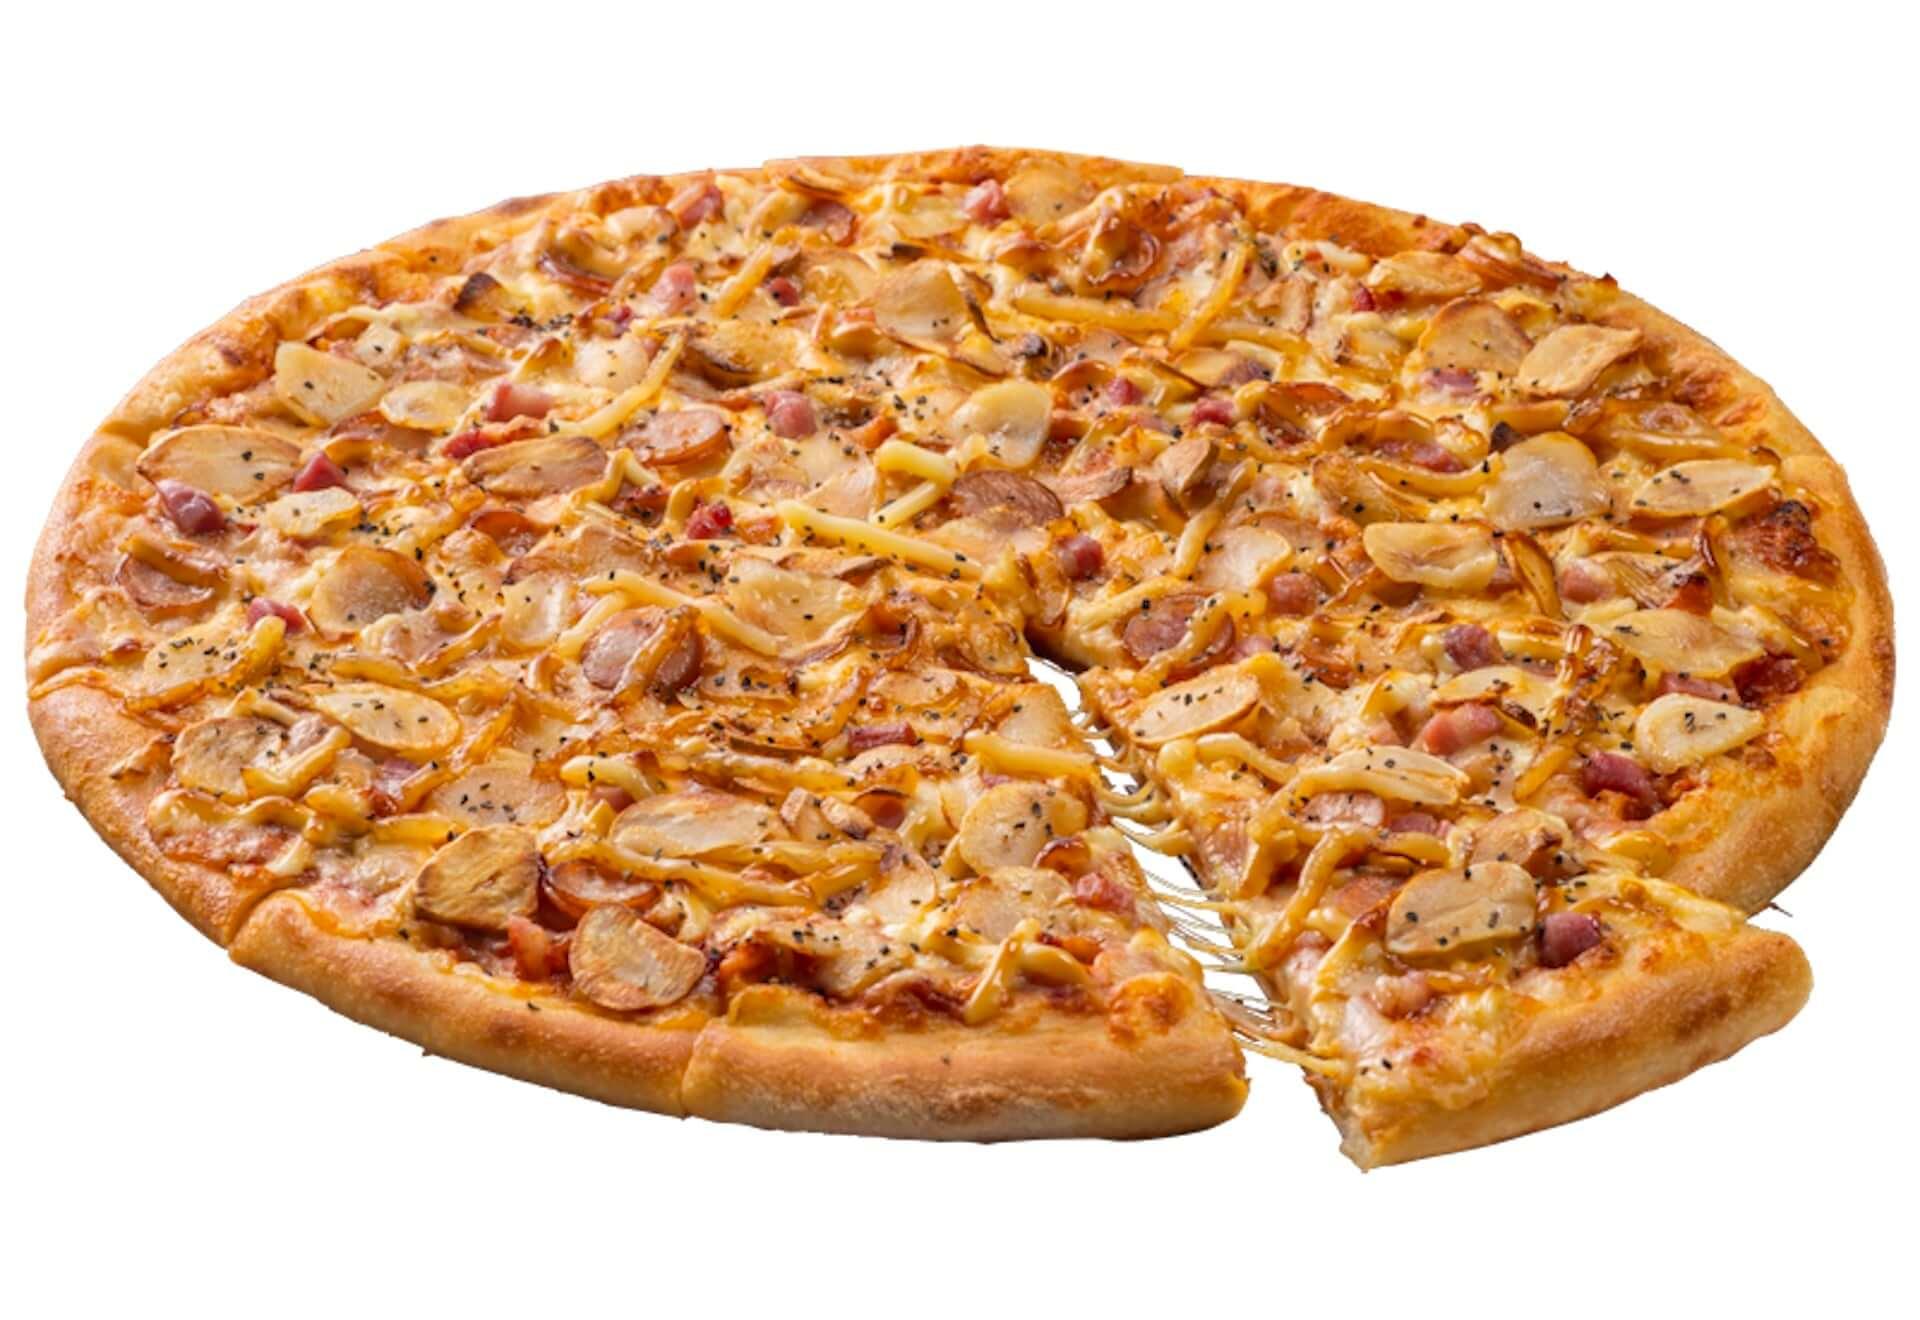 ピザの常識を覆す!?ドミノ・ピザの「裏ドミノ」シリーズ第2弾が期間限定で発売 『3kgポテト』『欲望の塊クワトロ』も登場 gourmet200713_dominos_pizza_4-1920x1320